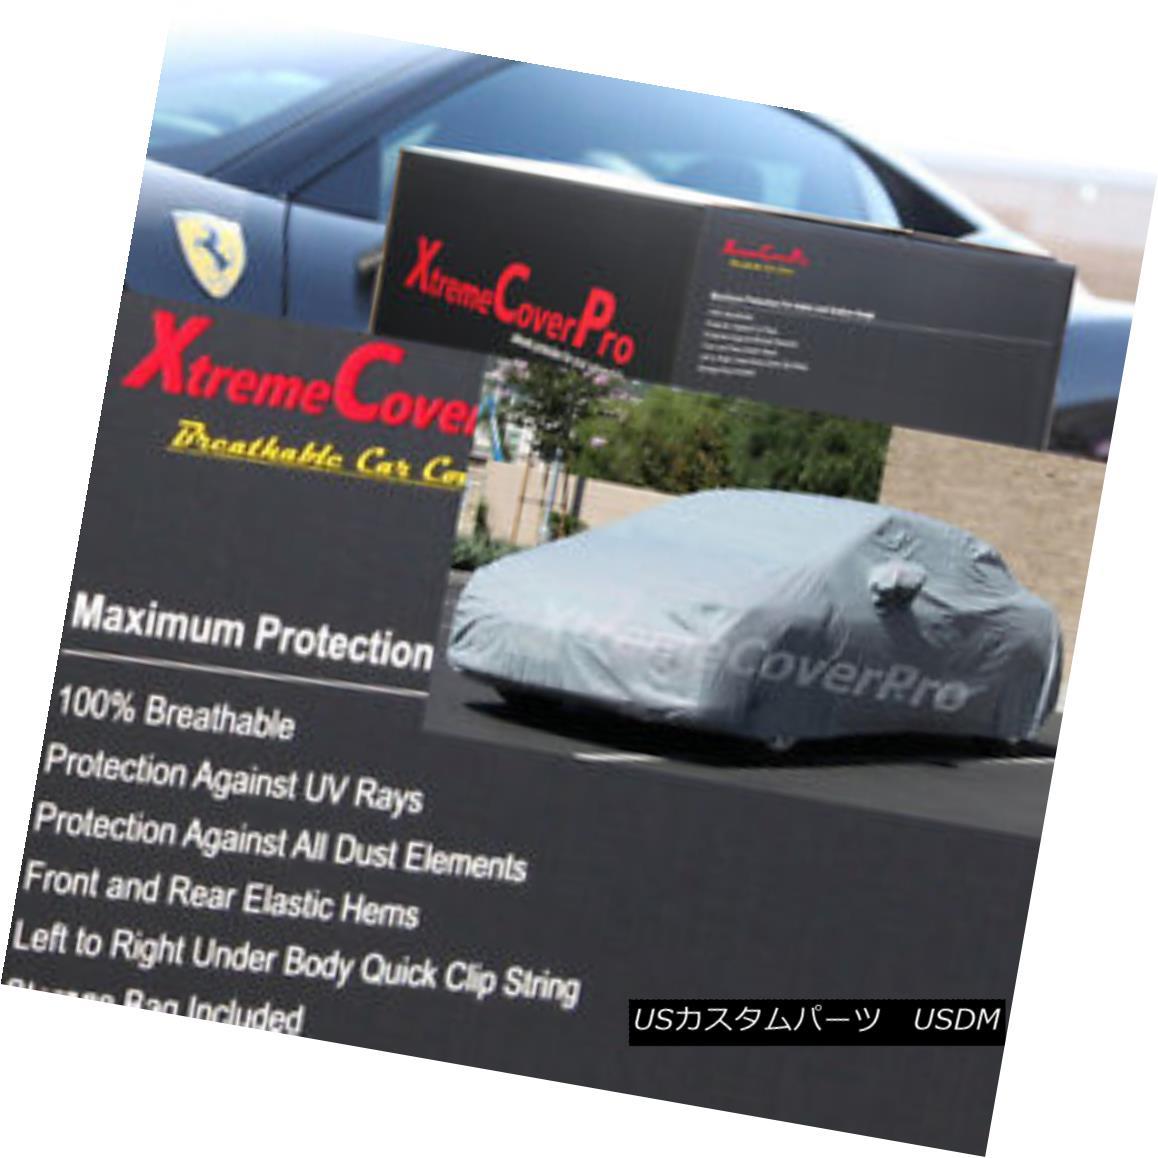 カーカバー 2015 CADILLAC CTS COUPE Breathable Car Cover w/Mirror Pockets - Gray 2015 CADILLAC CTS COUPE通気性のある車カバー付き/ミラーポケット - グレー